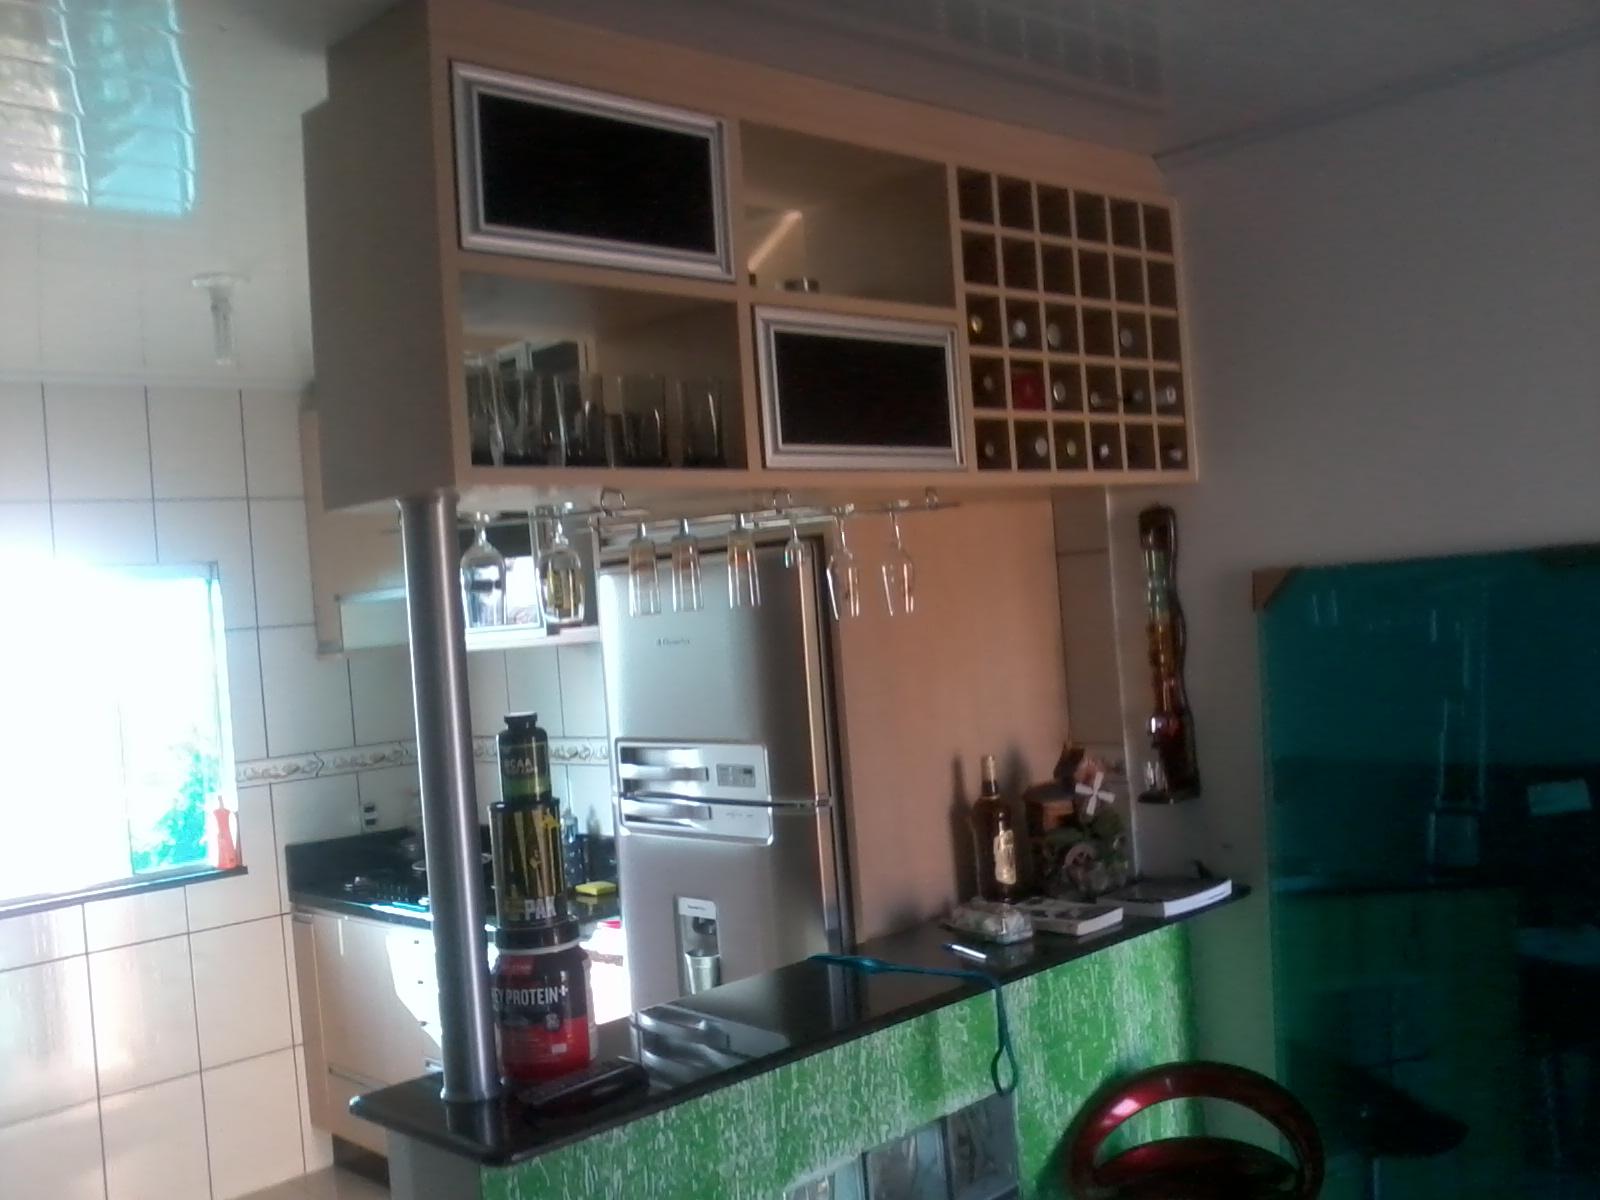 #356849 Formularte móveis sob medidas: Cozinha sob medida com mini bar 1600x1200 px Projetos De Cozinhas De Bares #503 imagens